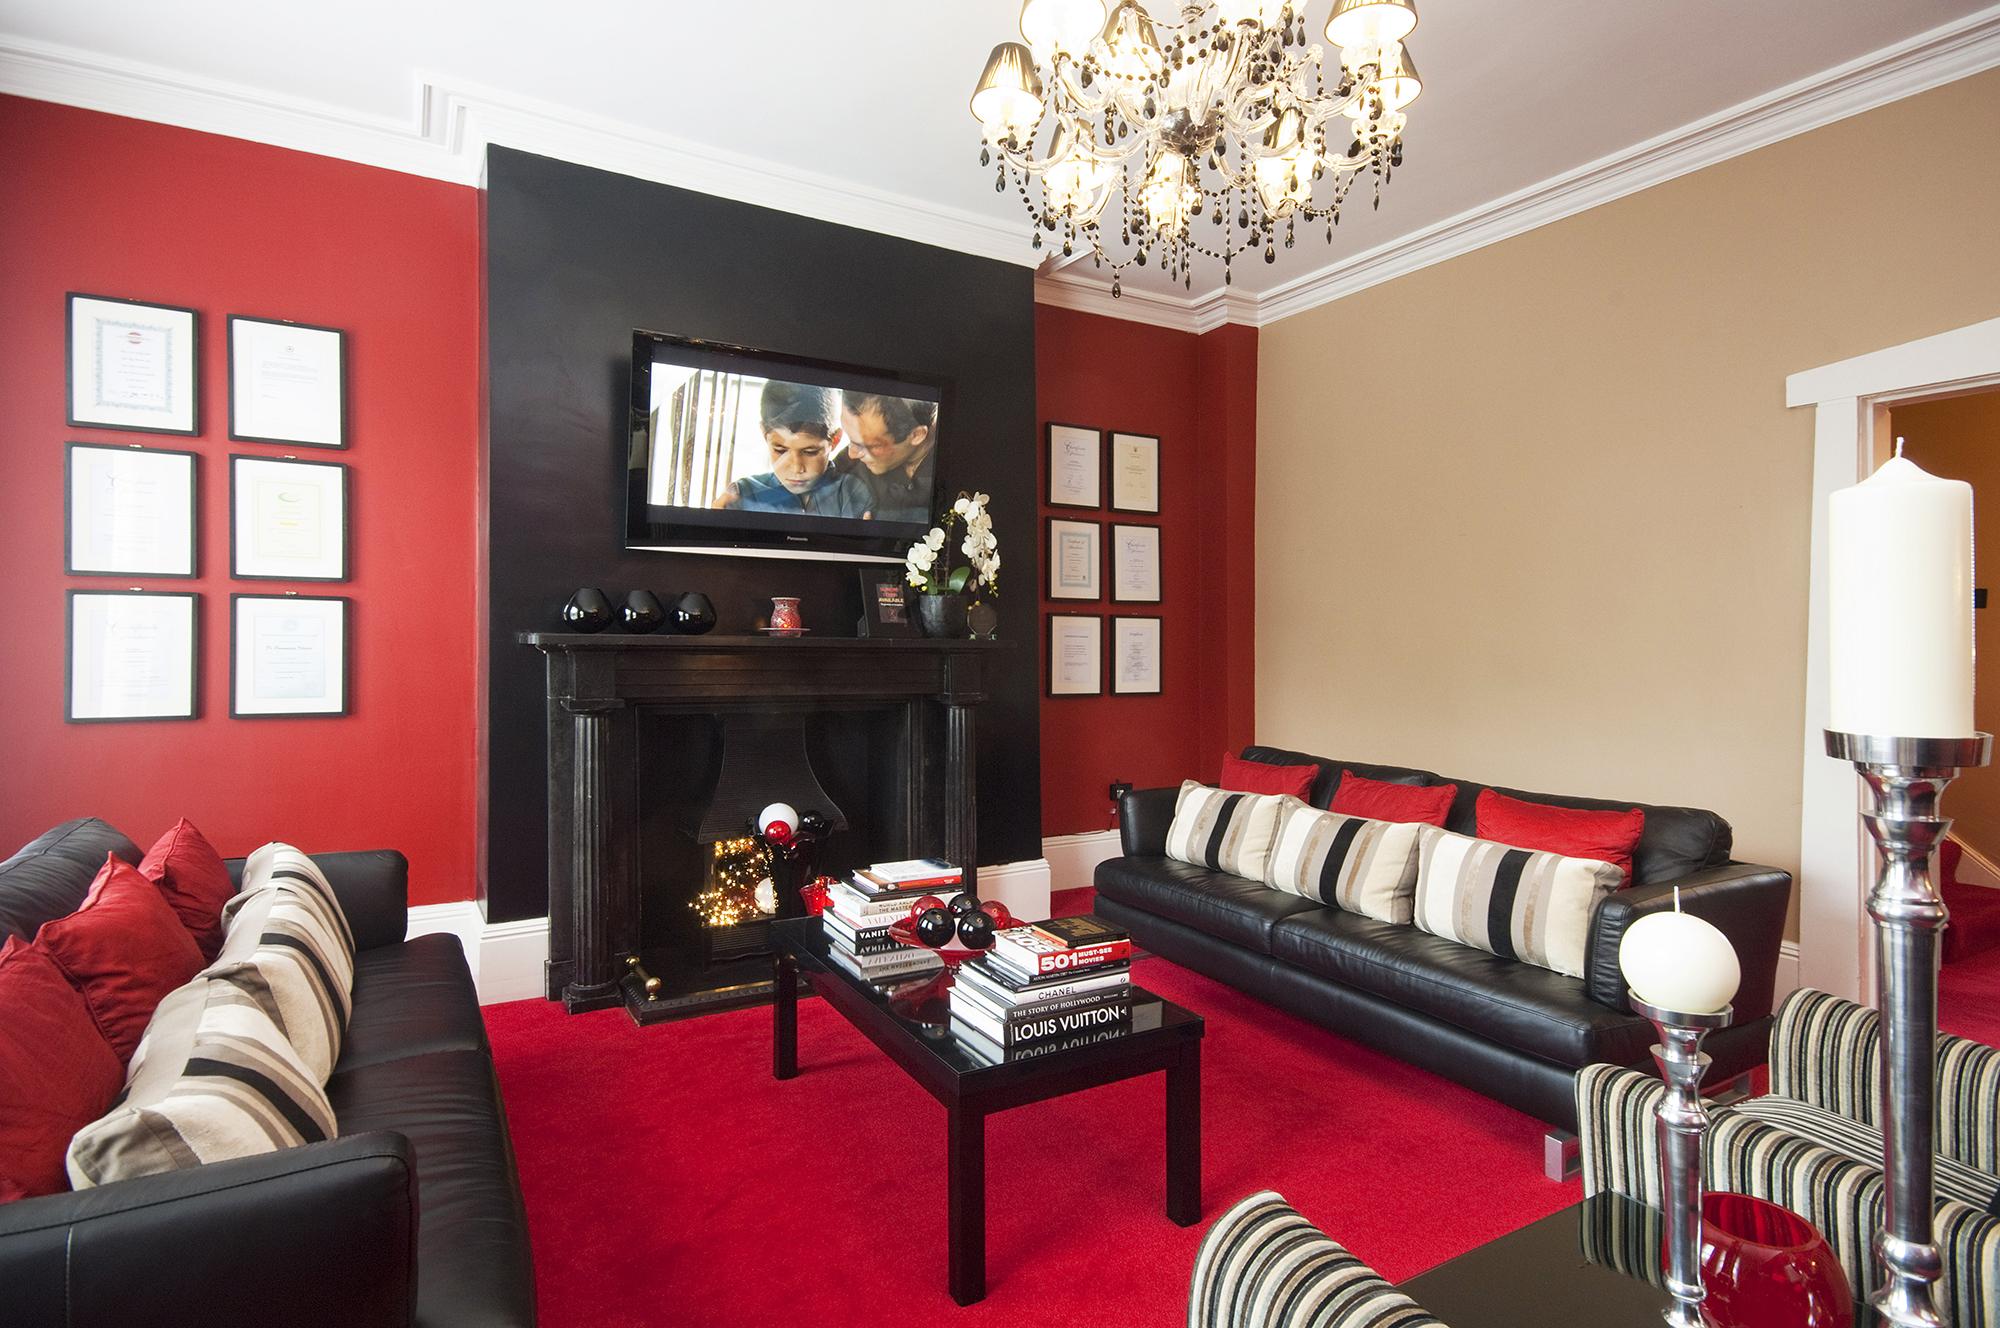 Красный, бежевый и белый цвета в интерьере гостиной с камином